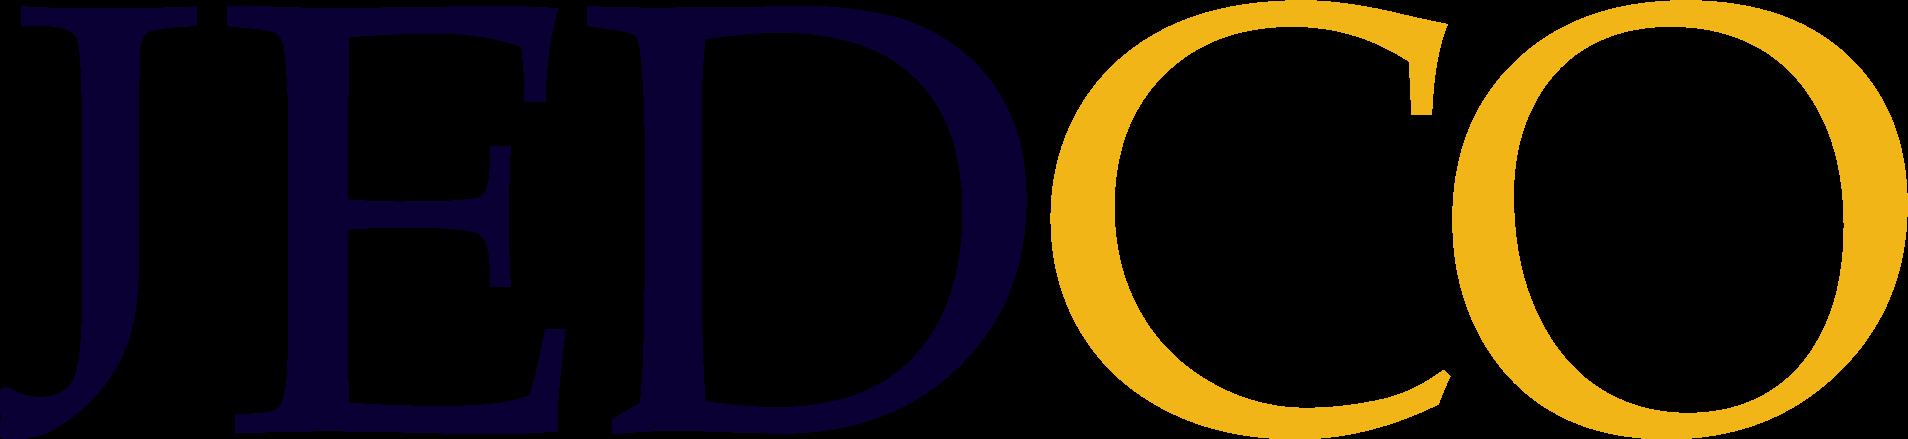 JEDCO